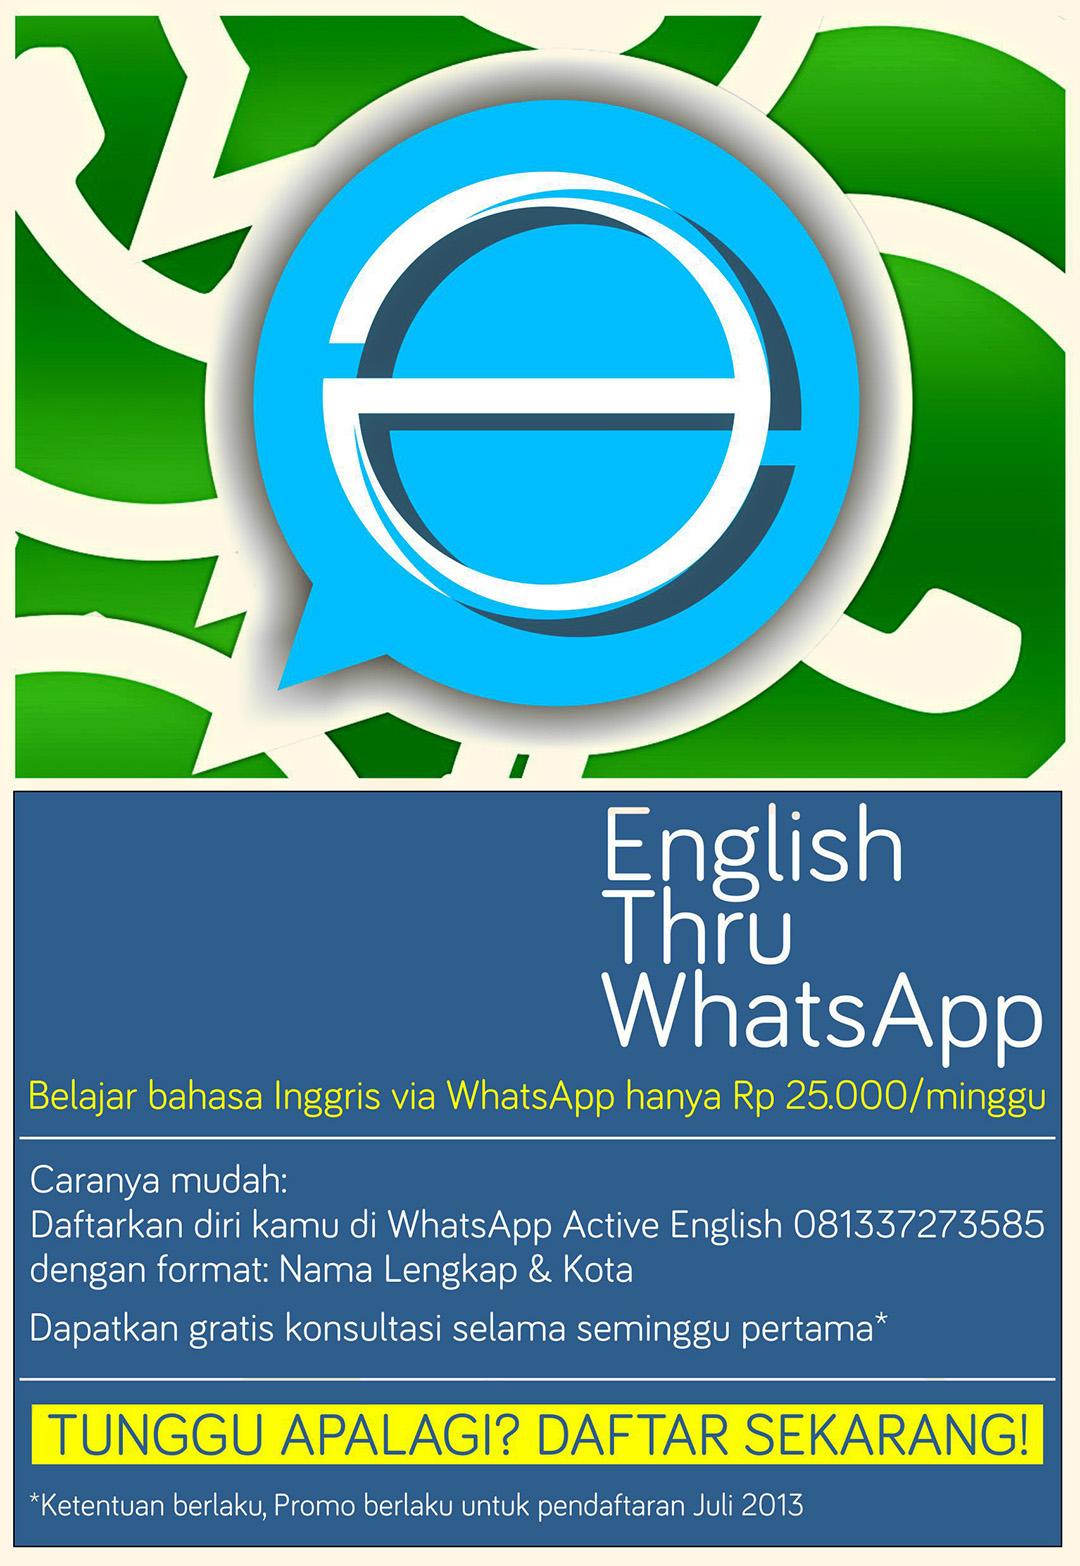 English thru WhatsApp: belajar bahasa Inggris lewat WhatsApp